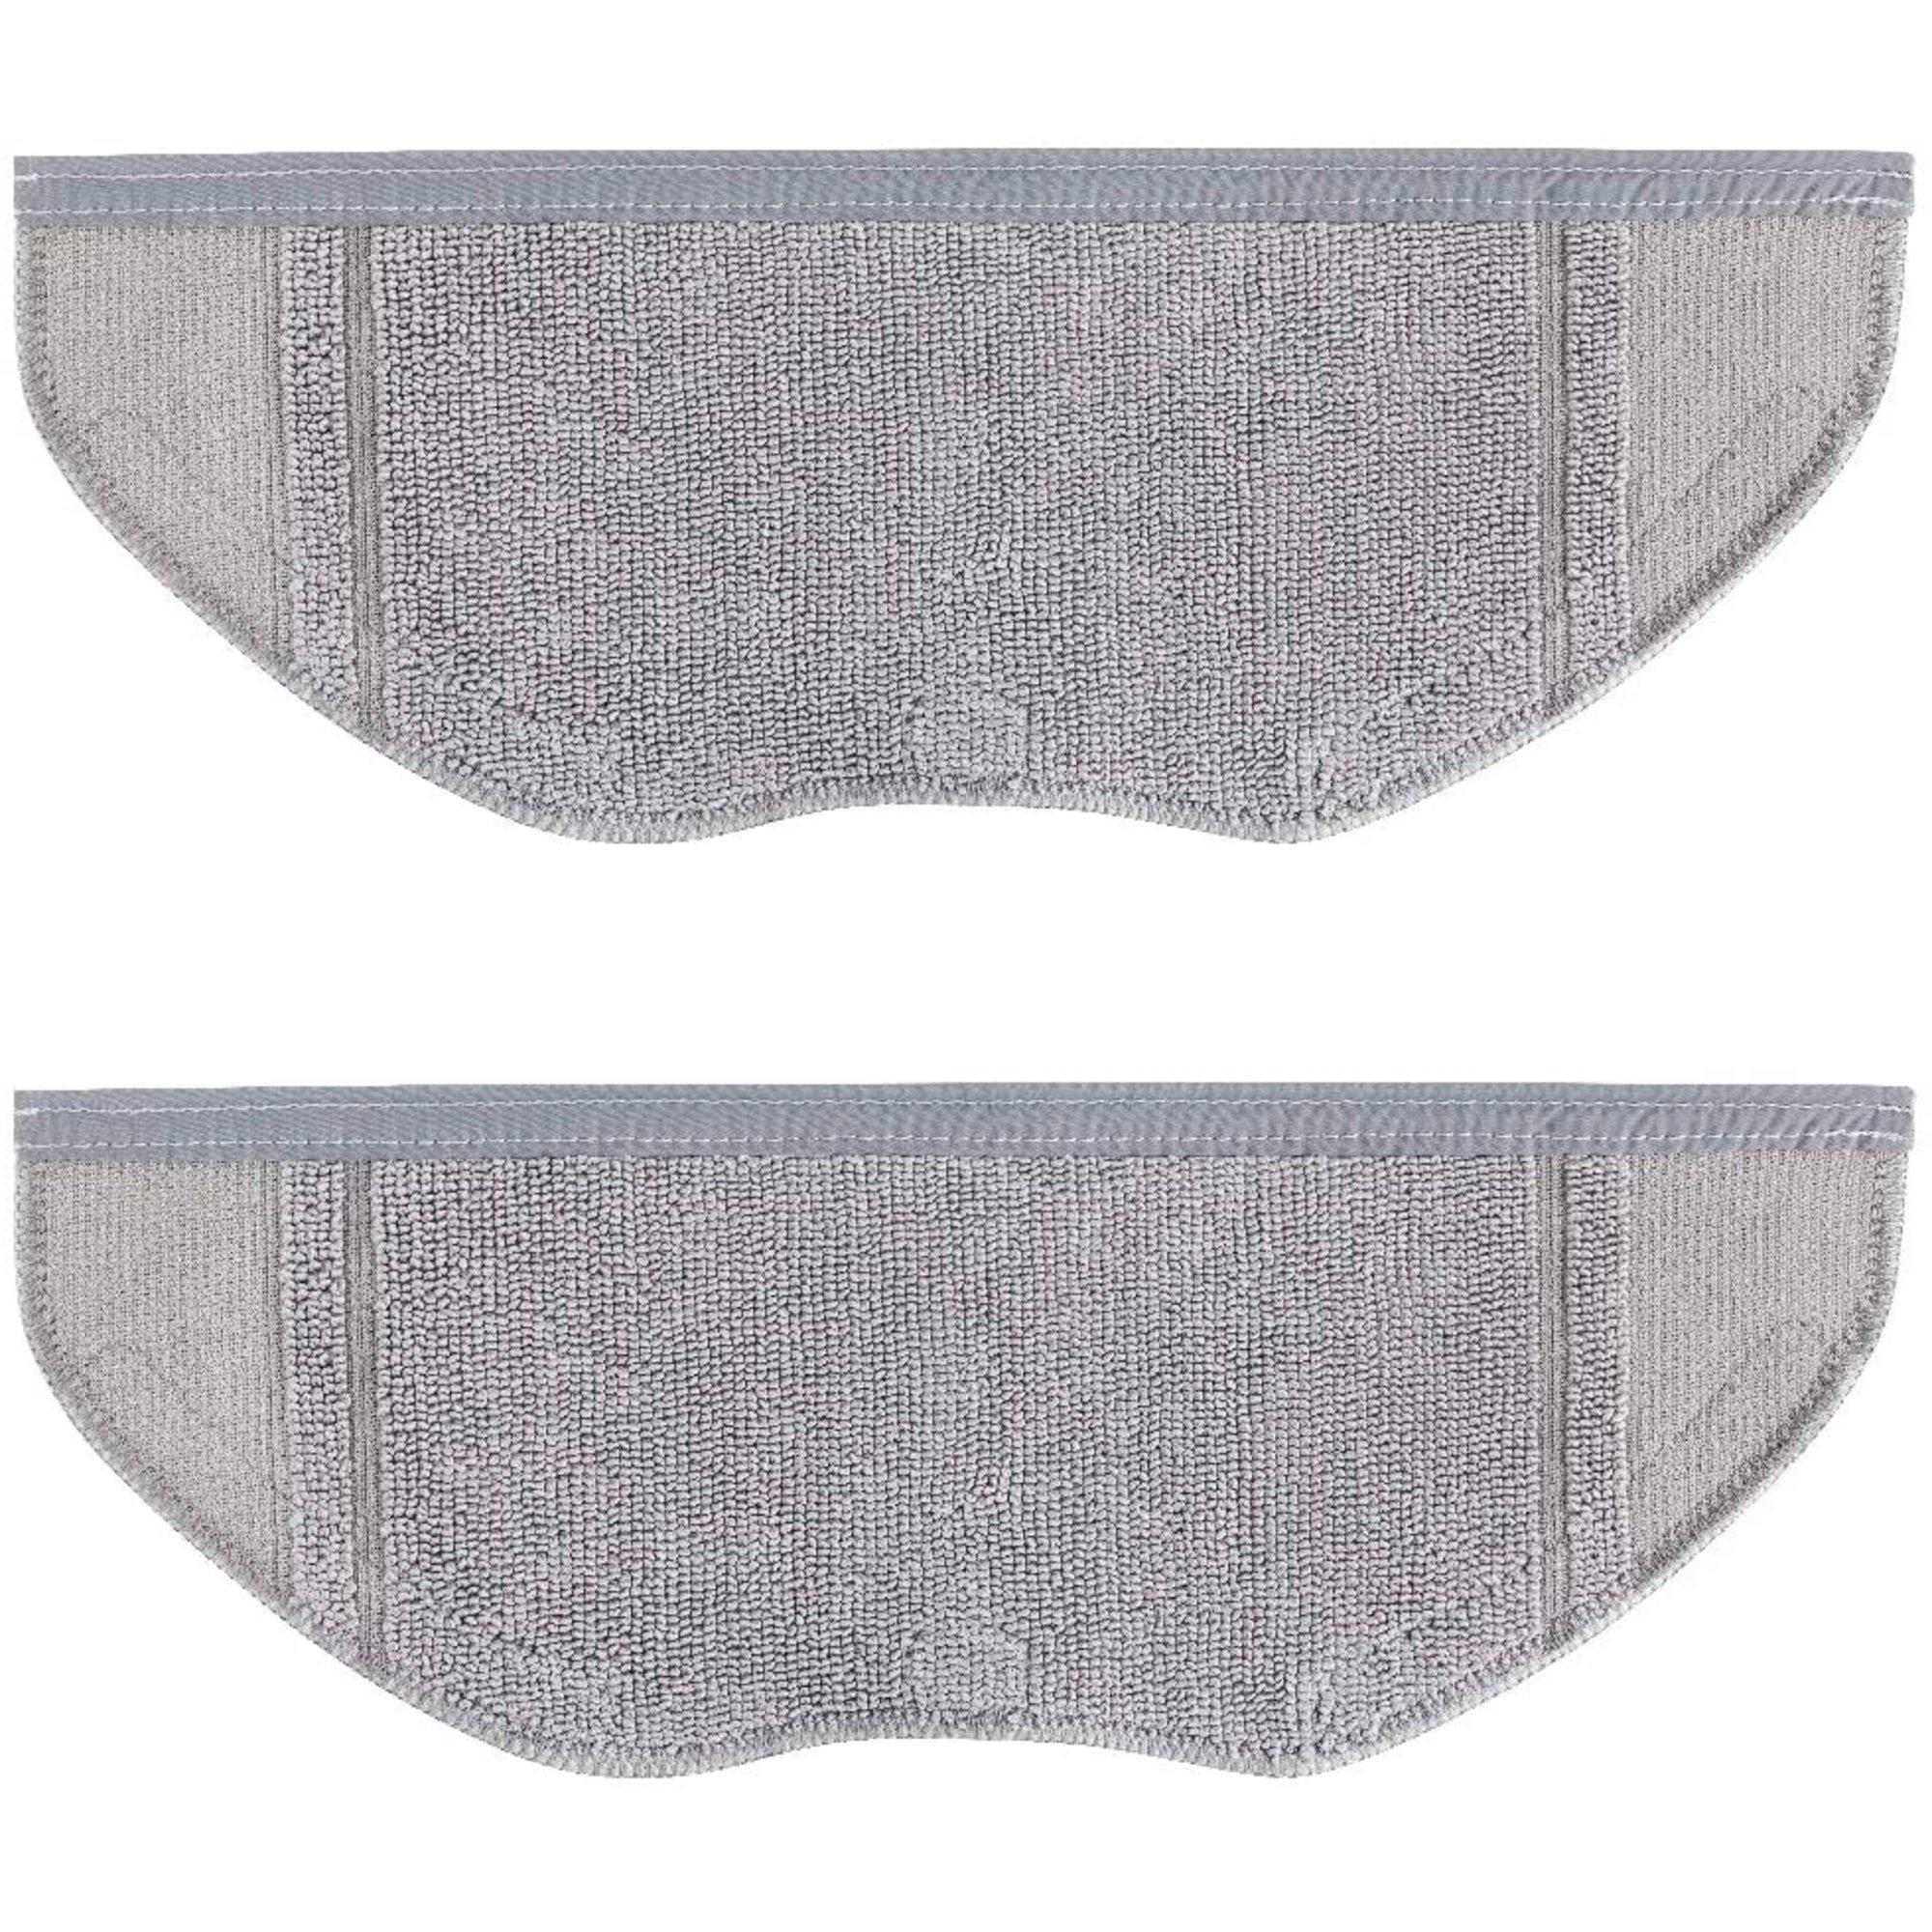 Eufy L70 tvättbara trasor (våt) 2 st.